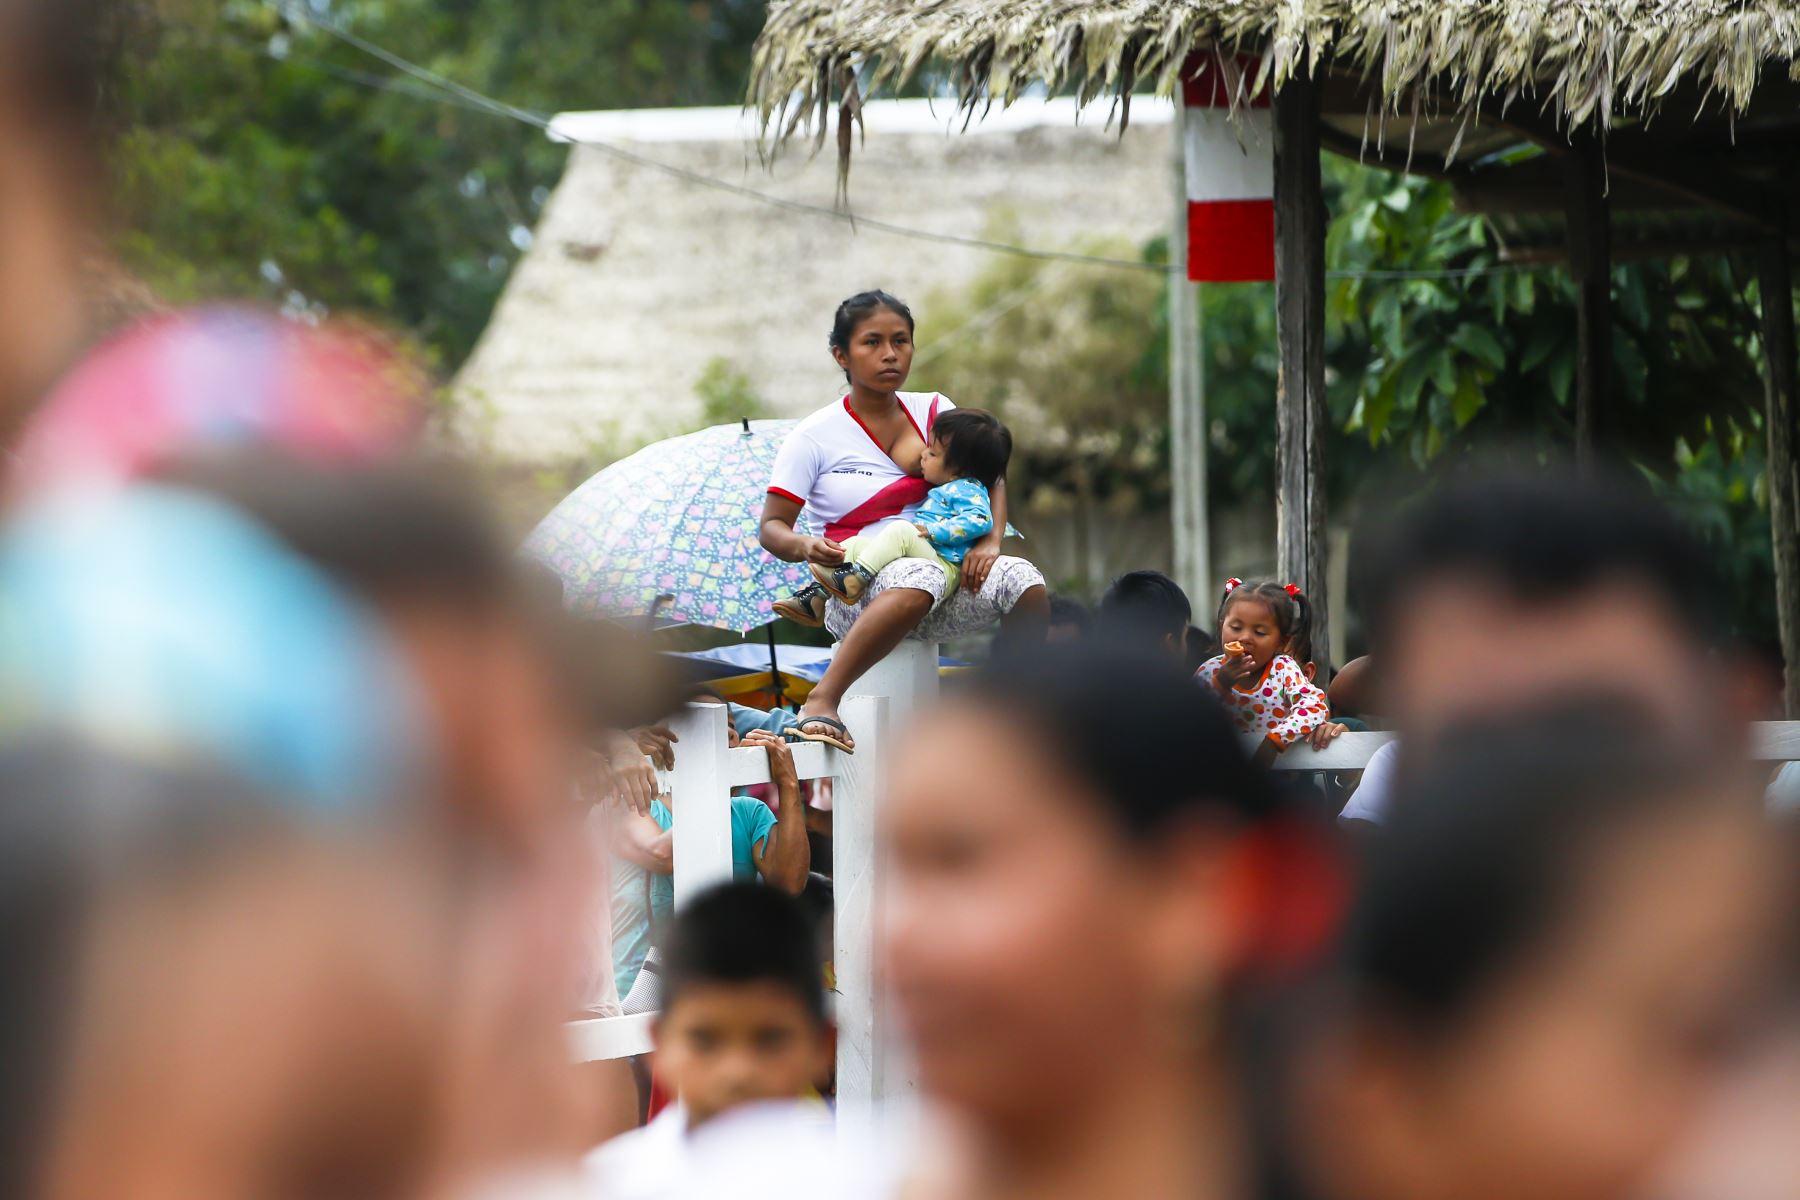 Mujer da de lactar a su hijo durante la inauguración de un TAMBO en el Distrito de Santa Clotilde en Naño – Loreto.Foto: ANDINA/Carla Patiño